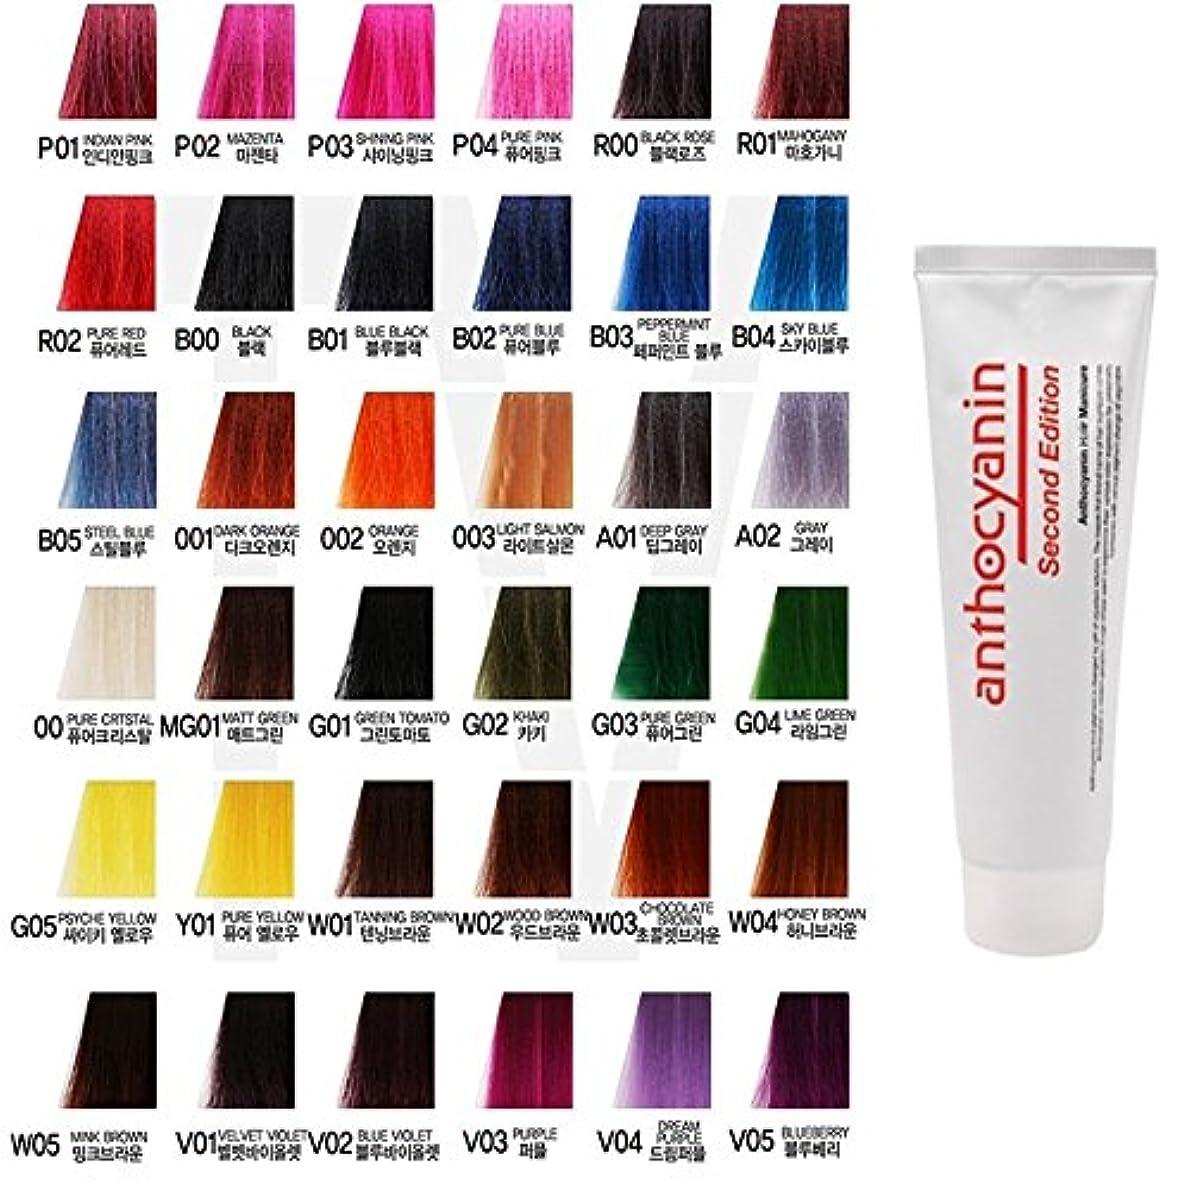 騙す出版闘争ヘア マニキュア カラー セカンド エディション 230g セミ パーマネント 染毛剤 ( Hair Manicure Color Second Edition 230g Semi Permanent Hair Dye) [並行輸入品] (O12 Coral Orange)